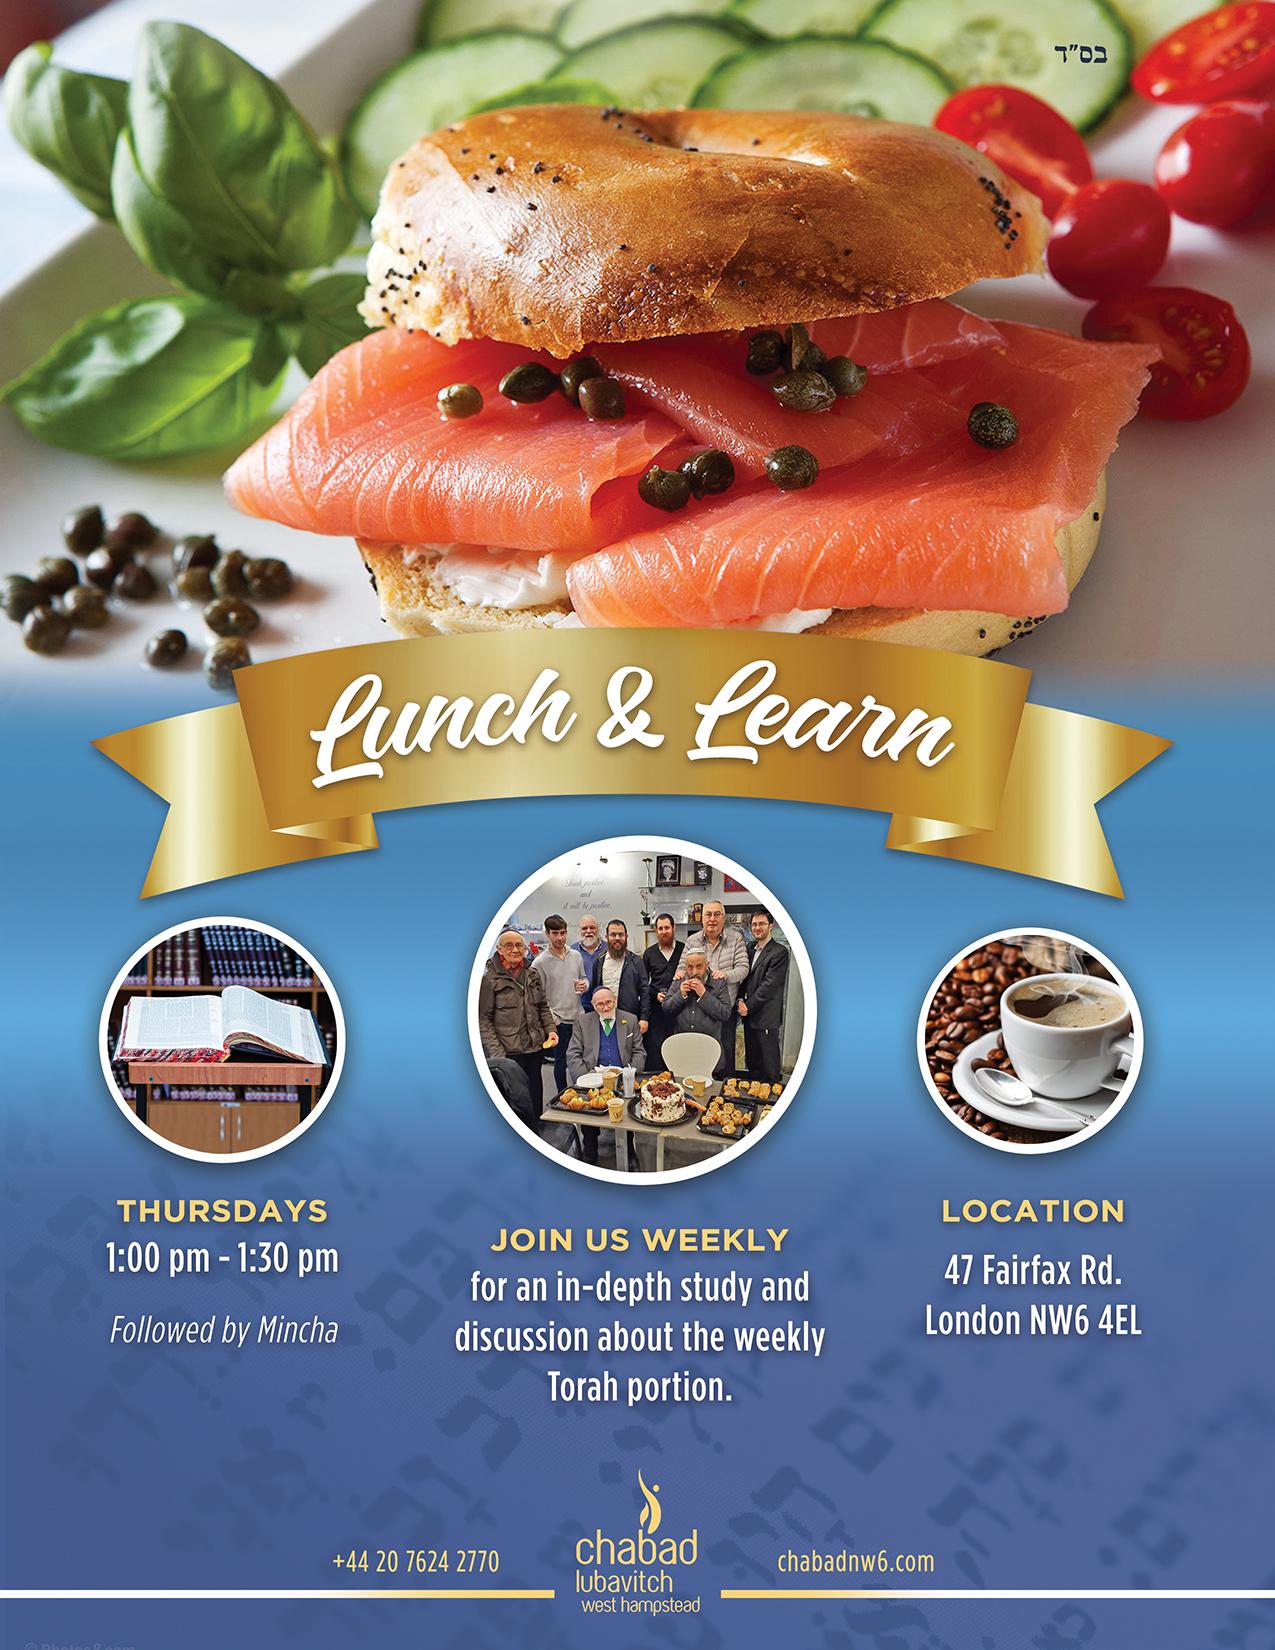 Lunch & Learn Flyer (web).jpg